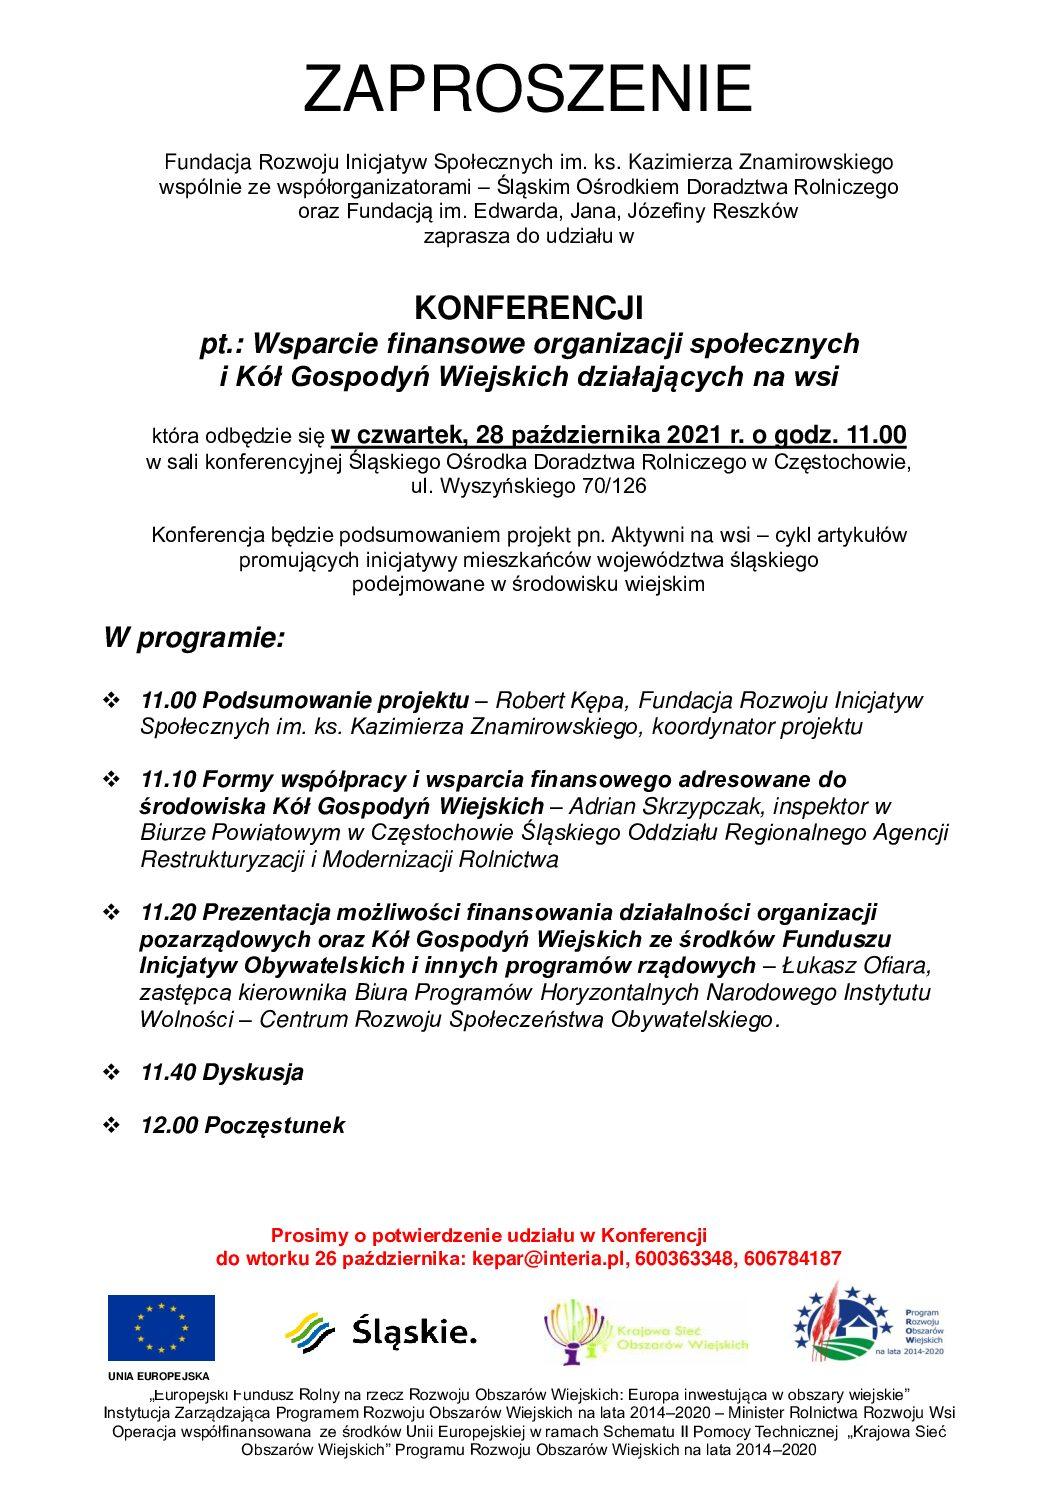 Konferencja pn. Wsparcie finansowe organizacji społecznych i Kół Gospodyń Wiejskich działających na wsi